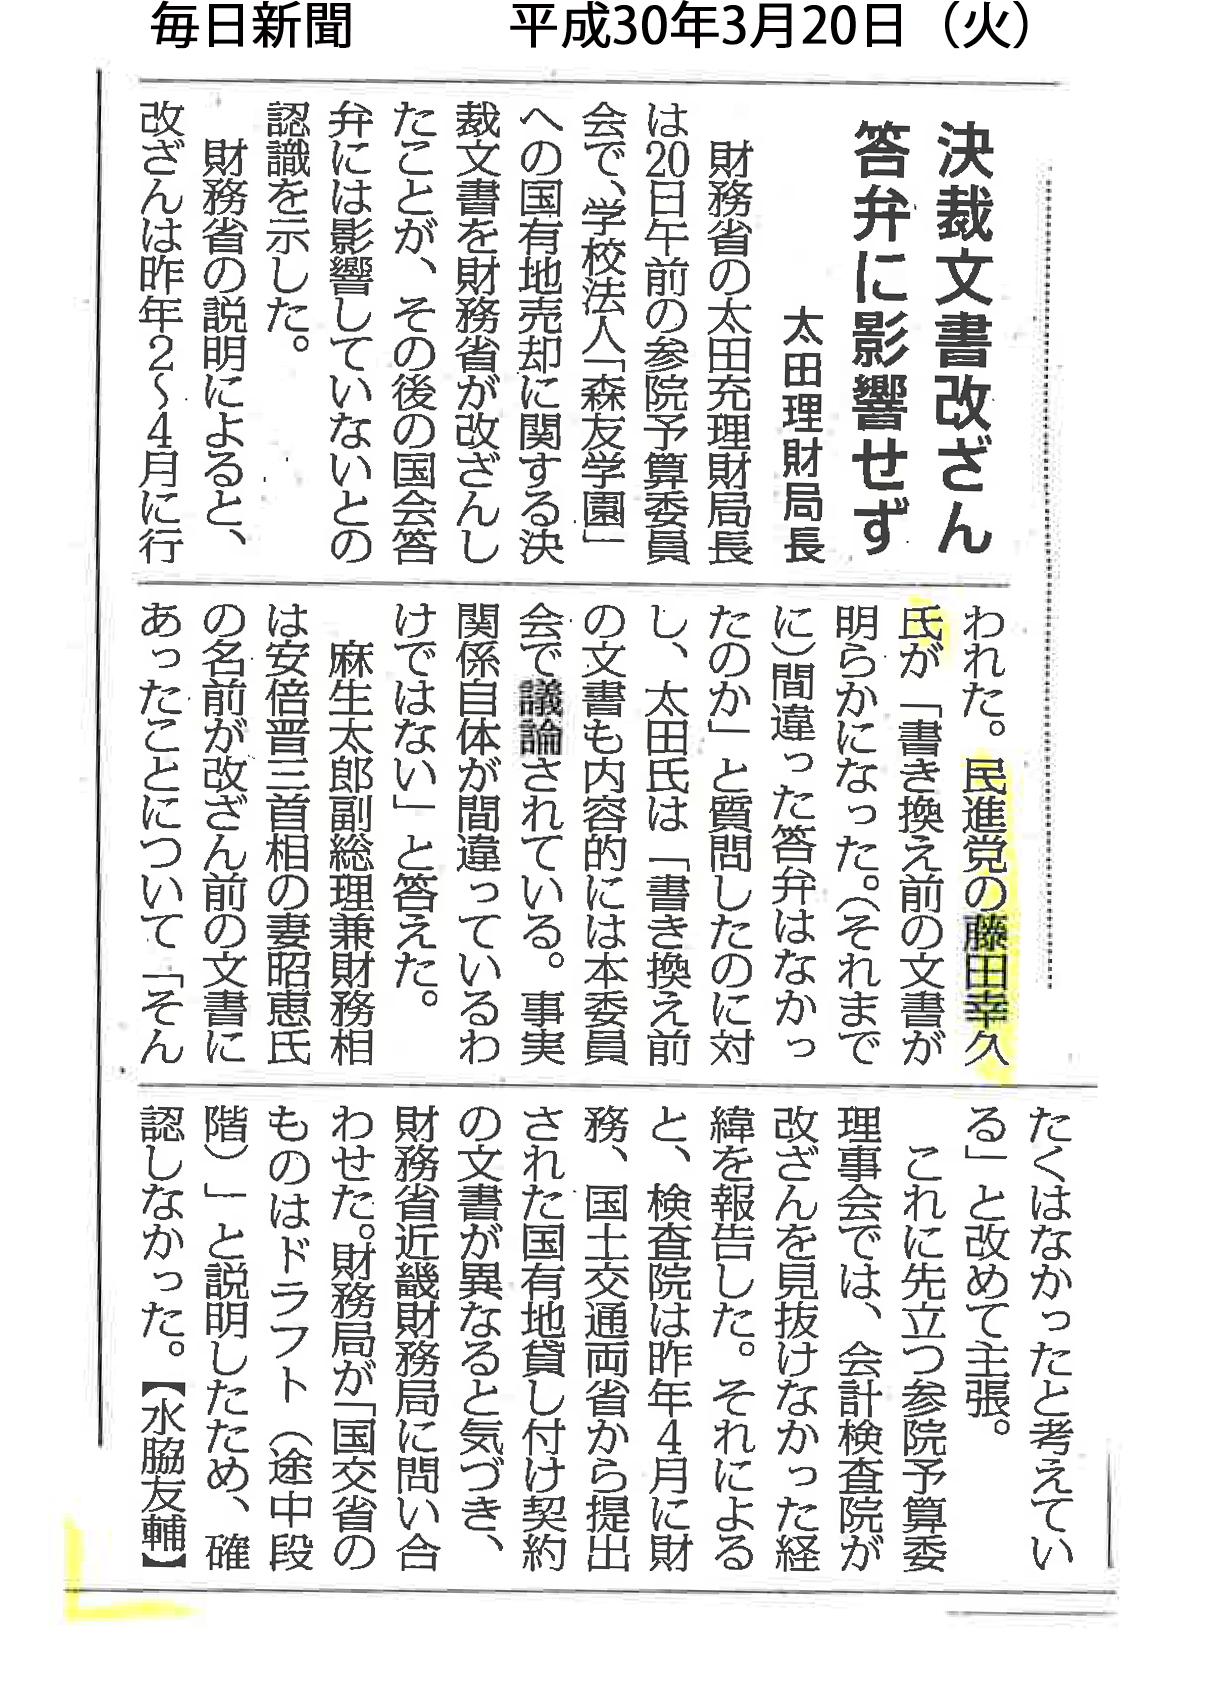 【毎日新聞】決裁文書改ざん 答弁に影響せず